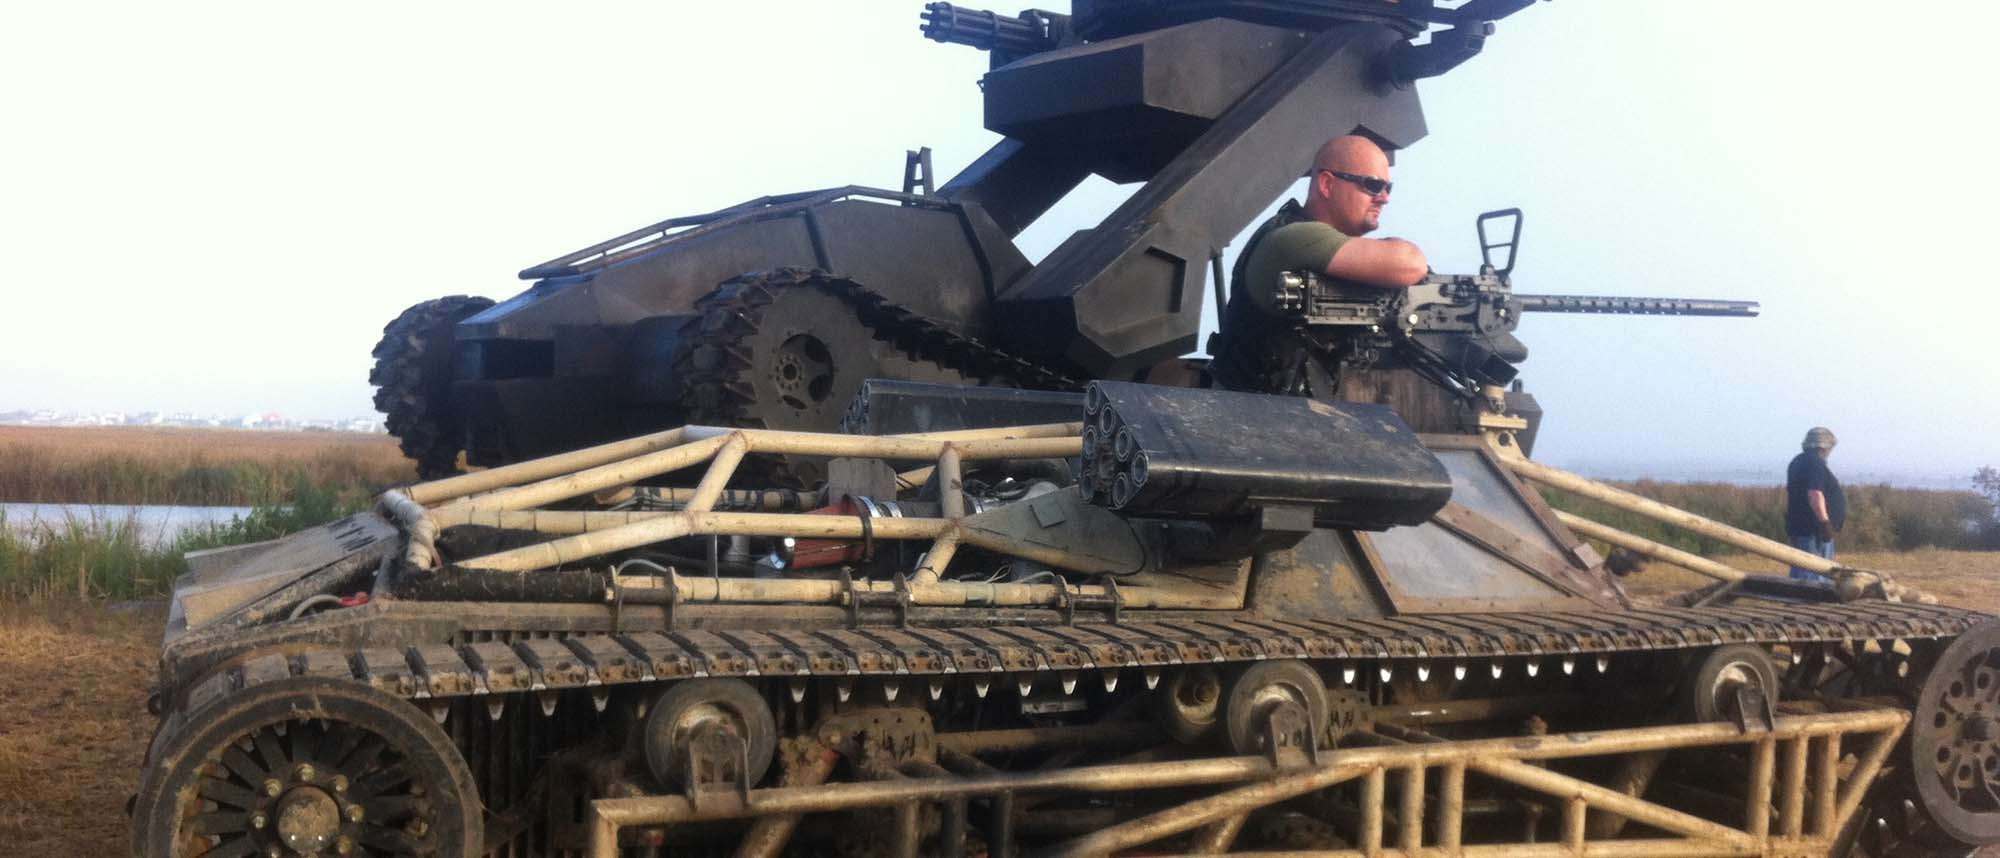 Man in a tank